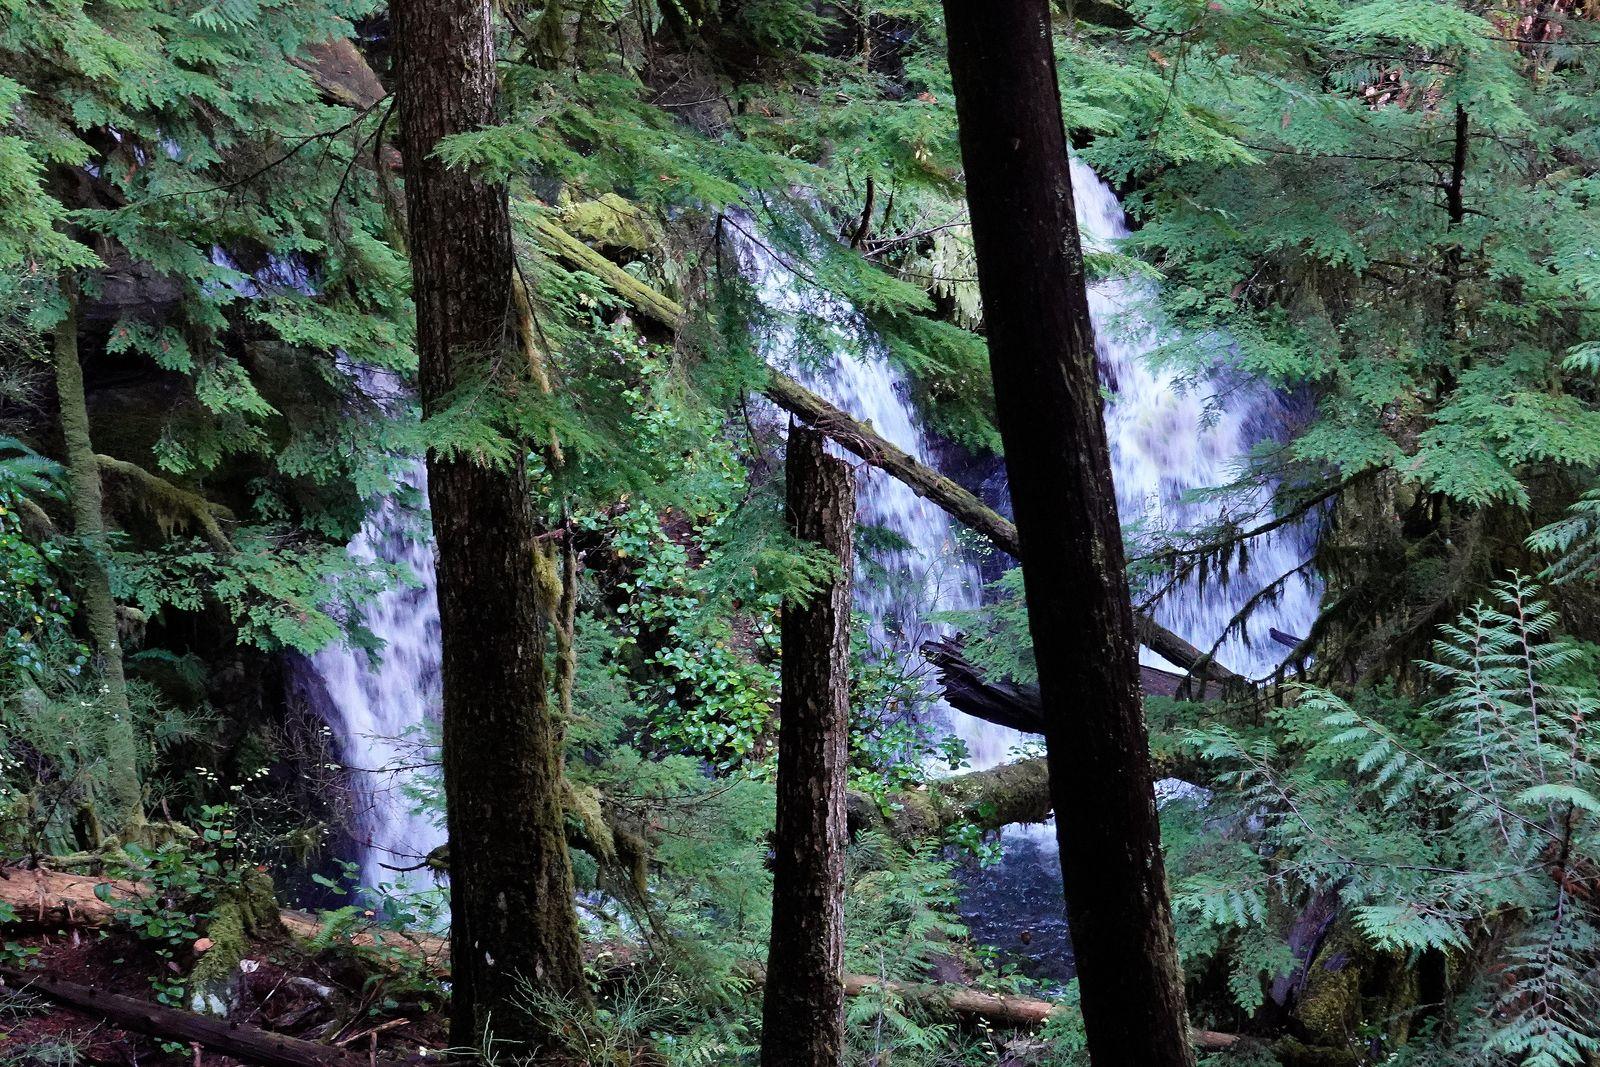 The three waterfalls below Murhut Falls